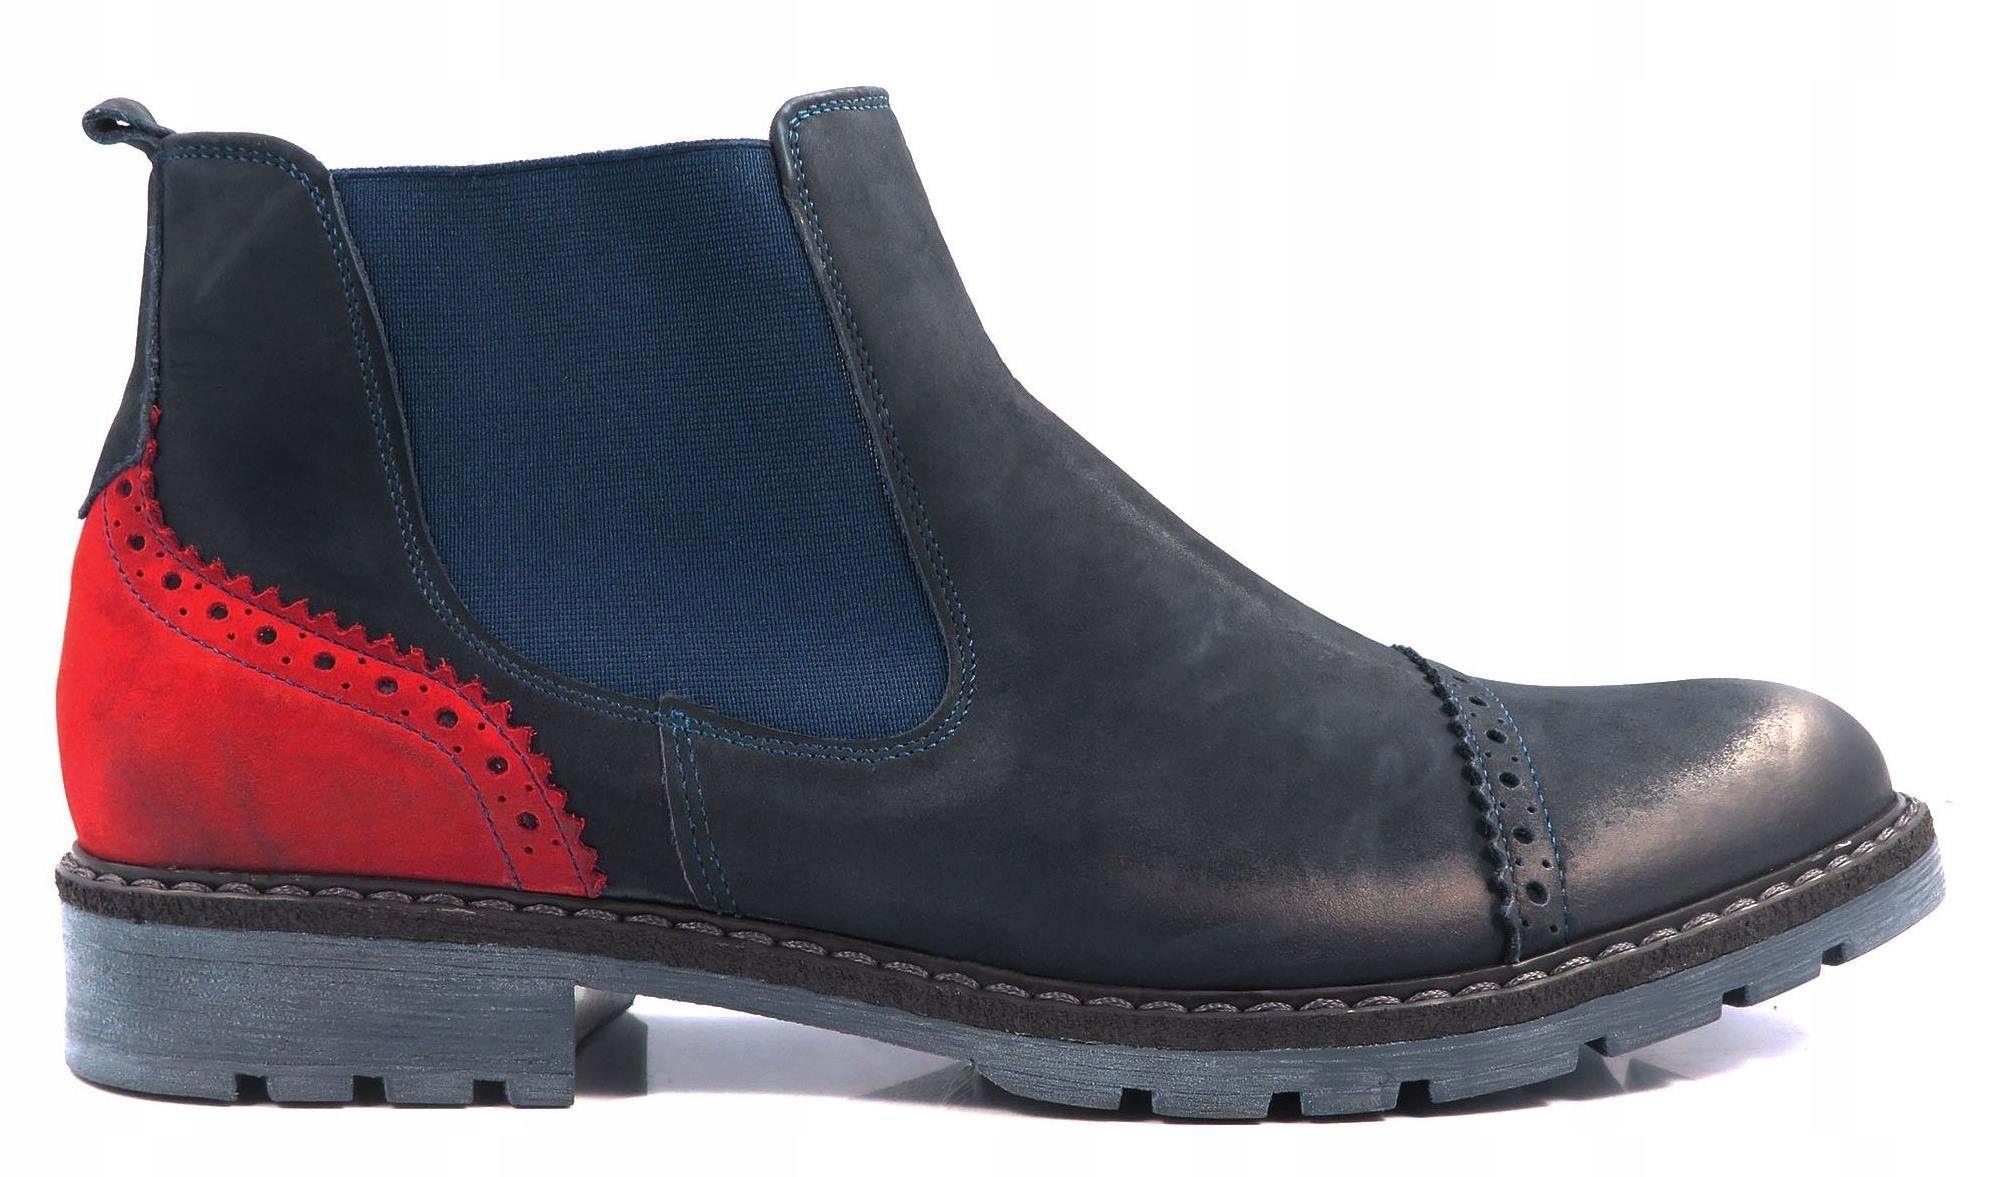 c3bf2d5ded1832 Granatowo-czerwone buty zimowe T63 Sztyblety r. 43 - 7084076550 ...